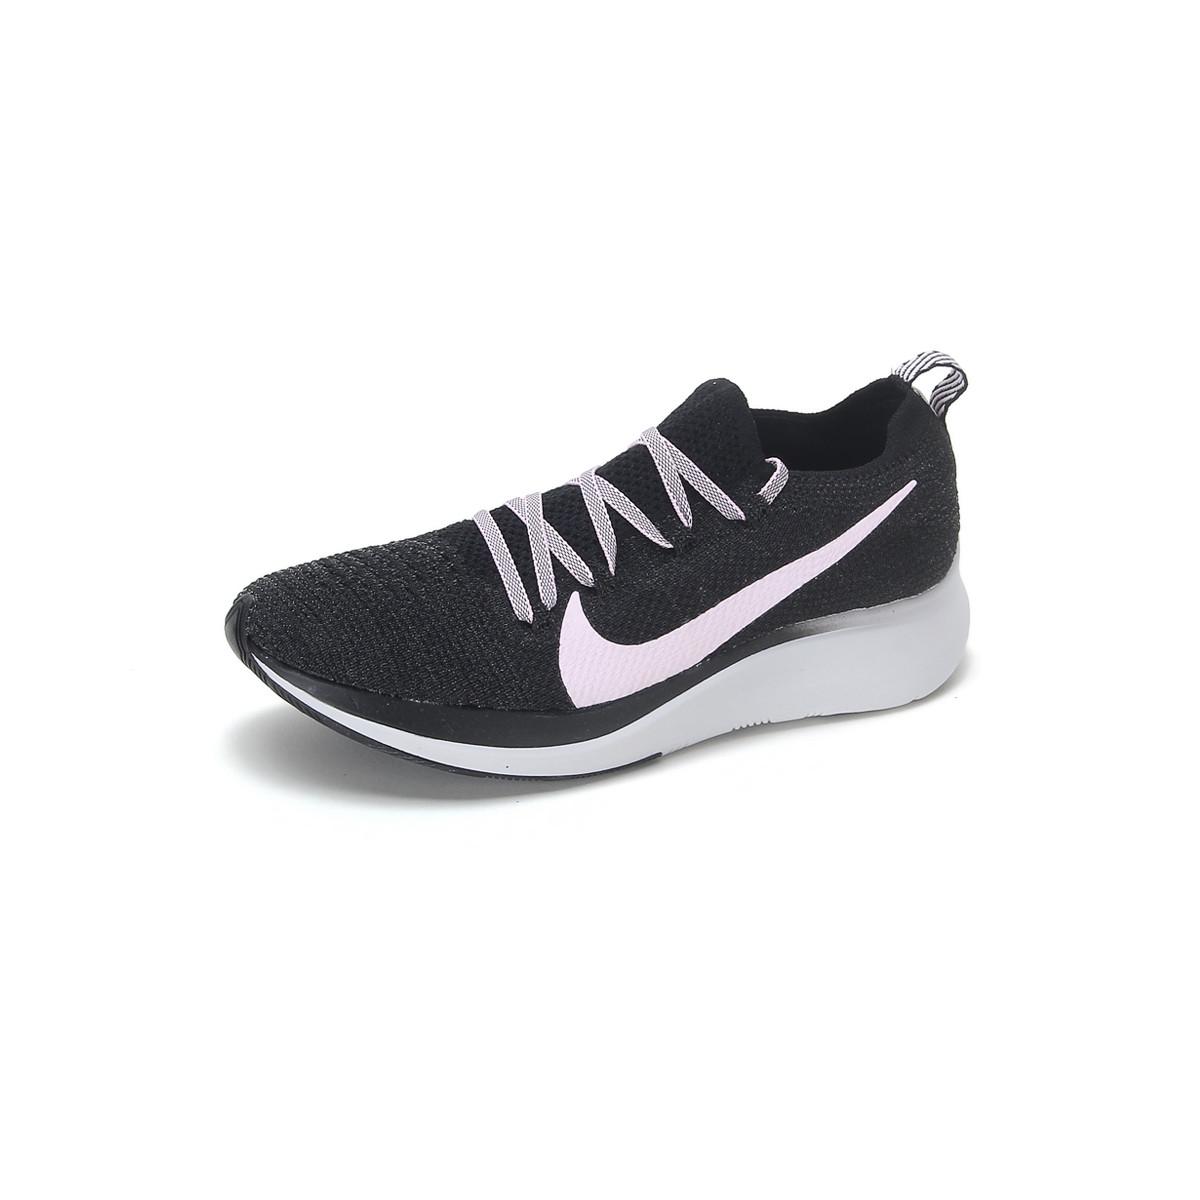 限36/36.5码、唯品尖货 : NIKE 耐克 ZOOM FLY FLYKNIT  女款竞速跑步鞋